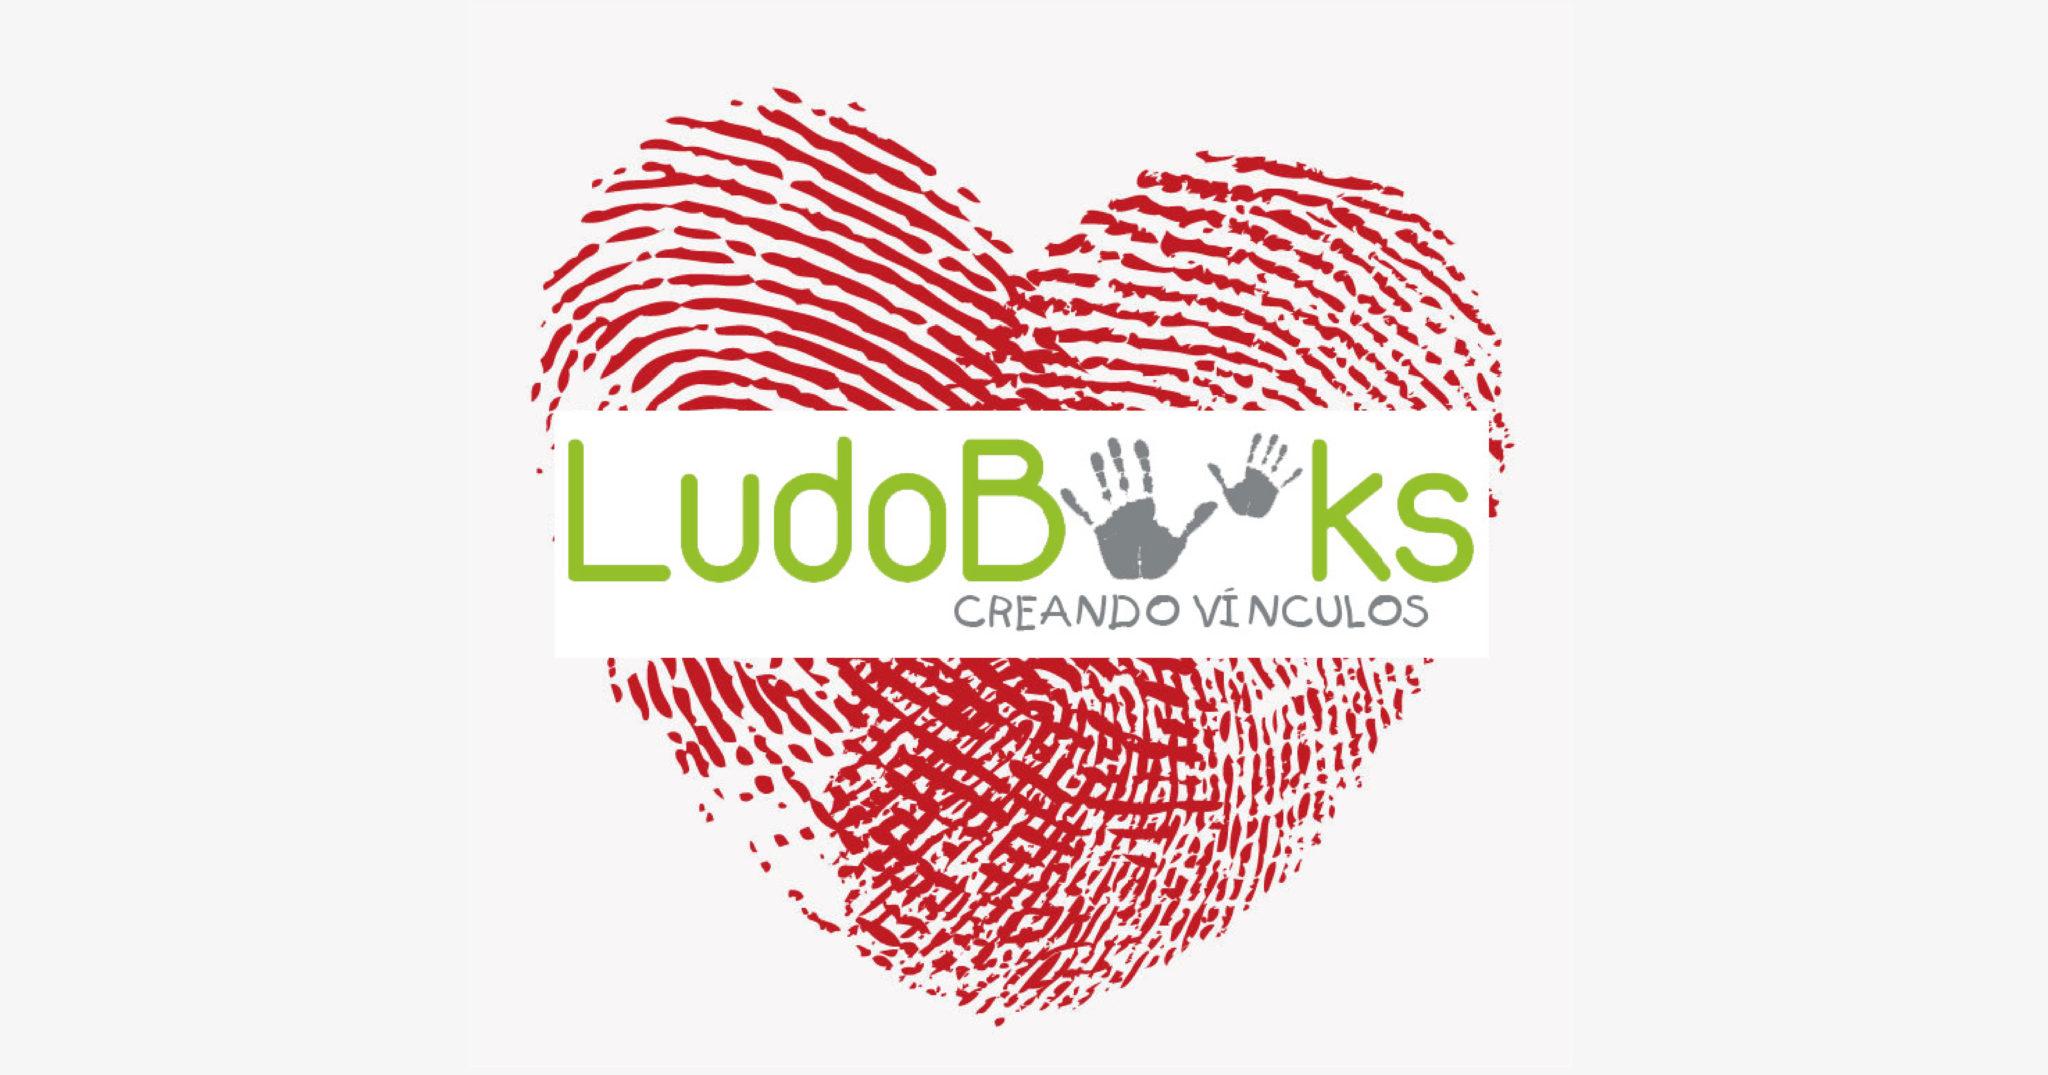 corazon con huella ludobooks-01